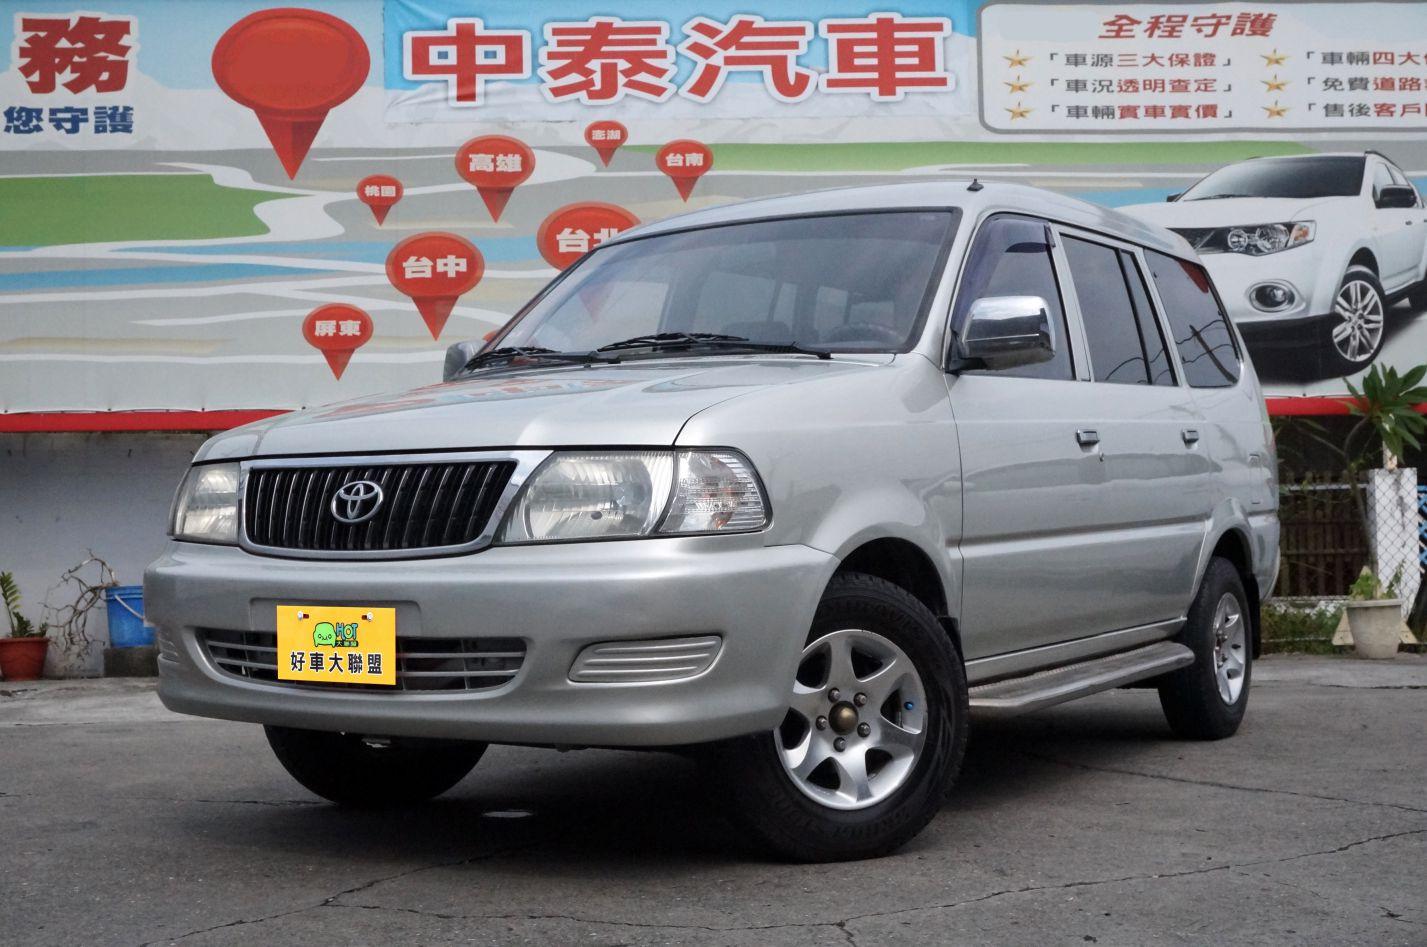 2005 Toyota 豐田 商用車